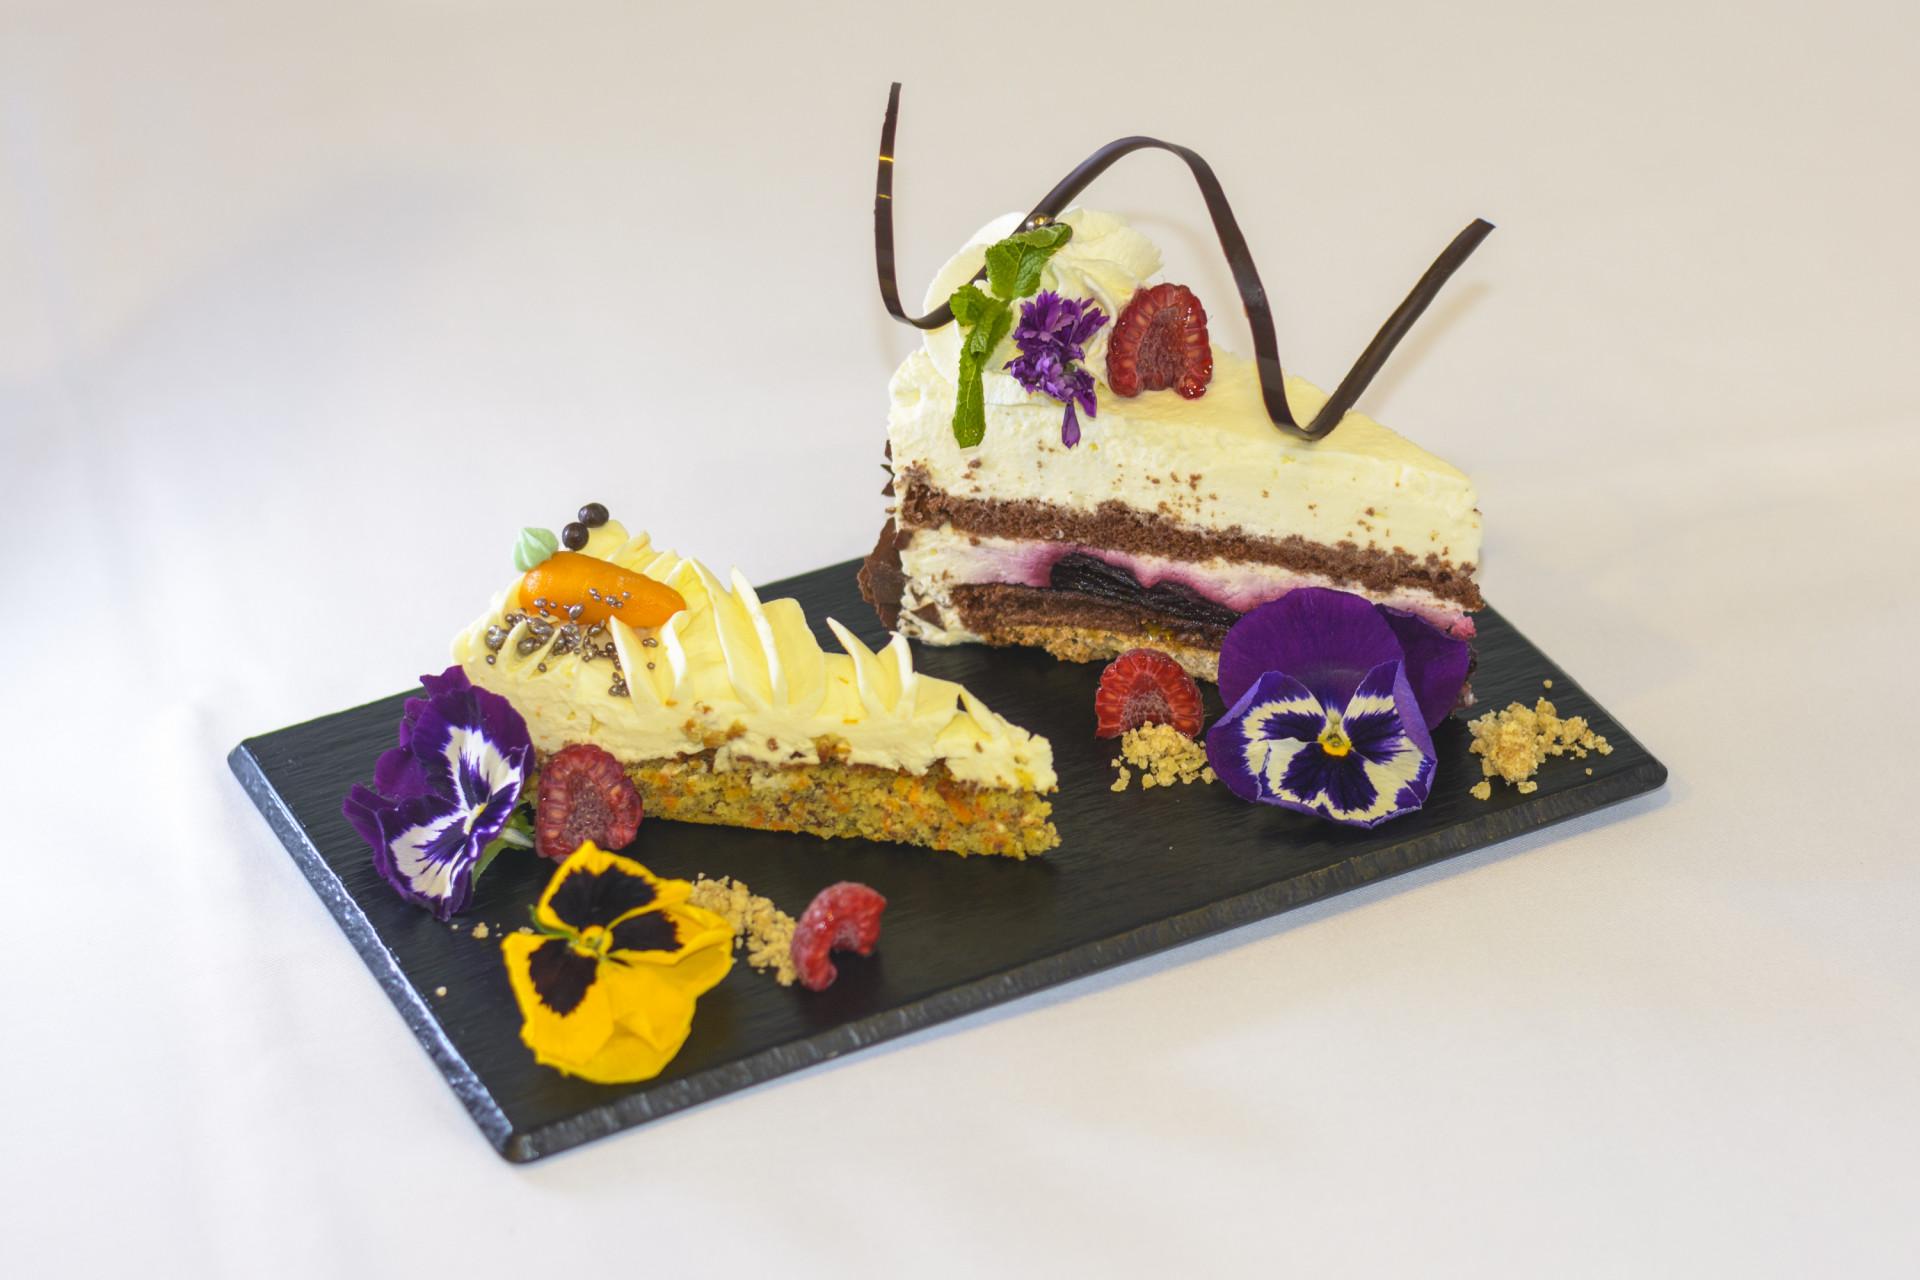 Nahaufnahme von Kuchendessert mit Blumen dekoriert